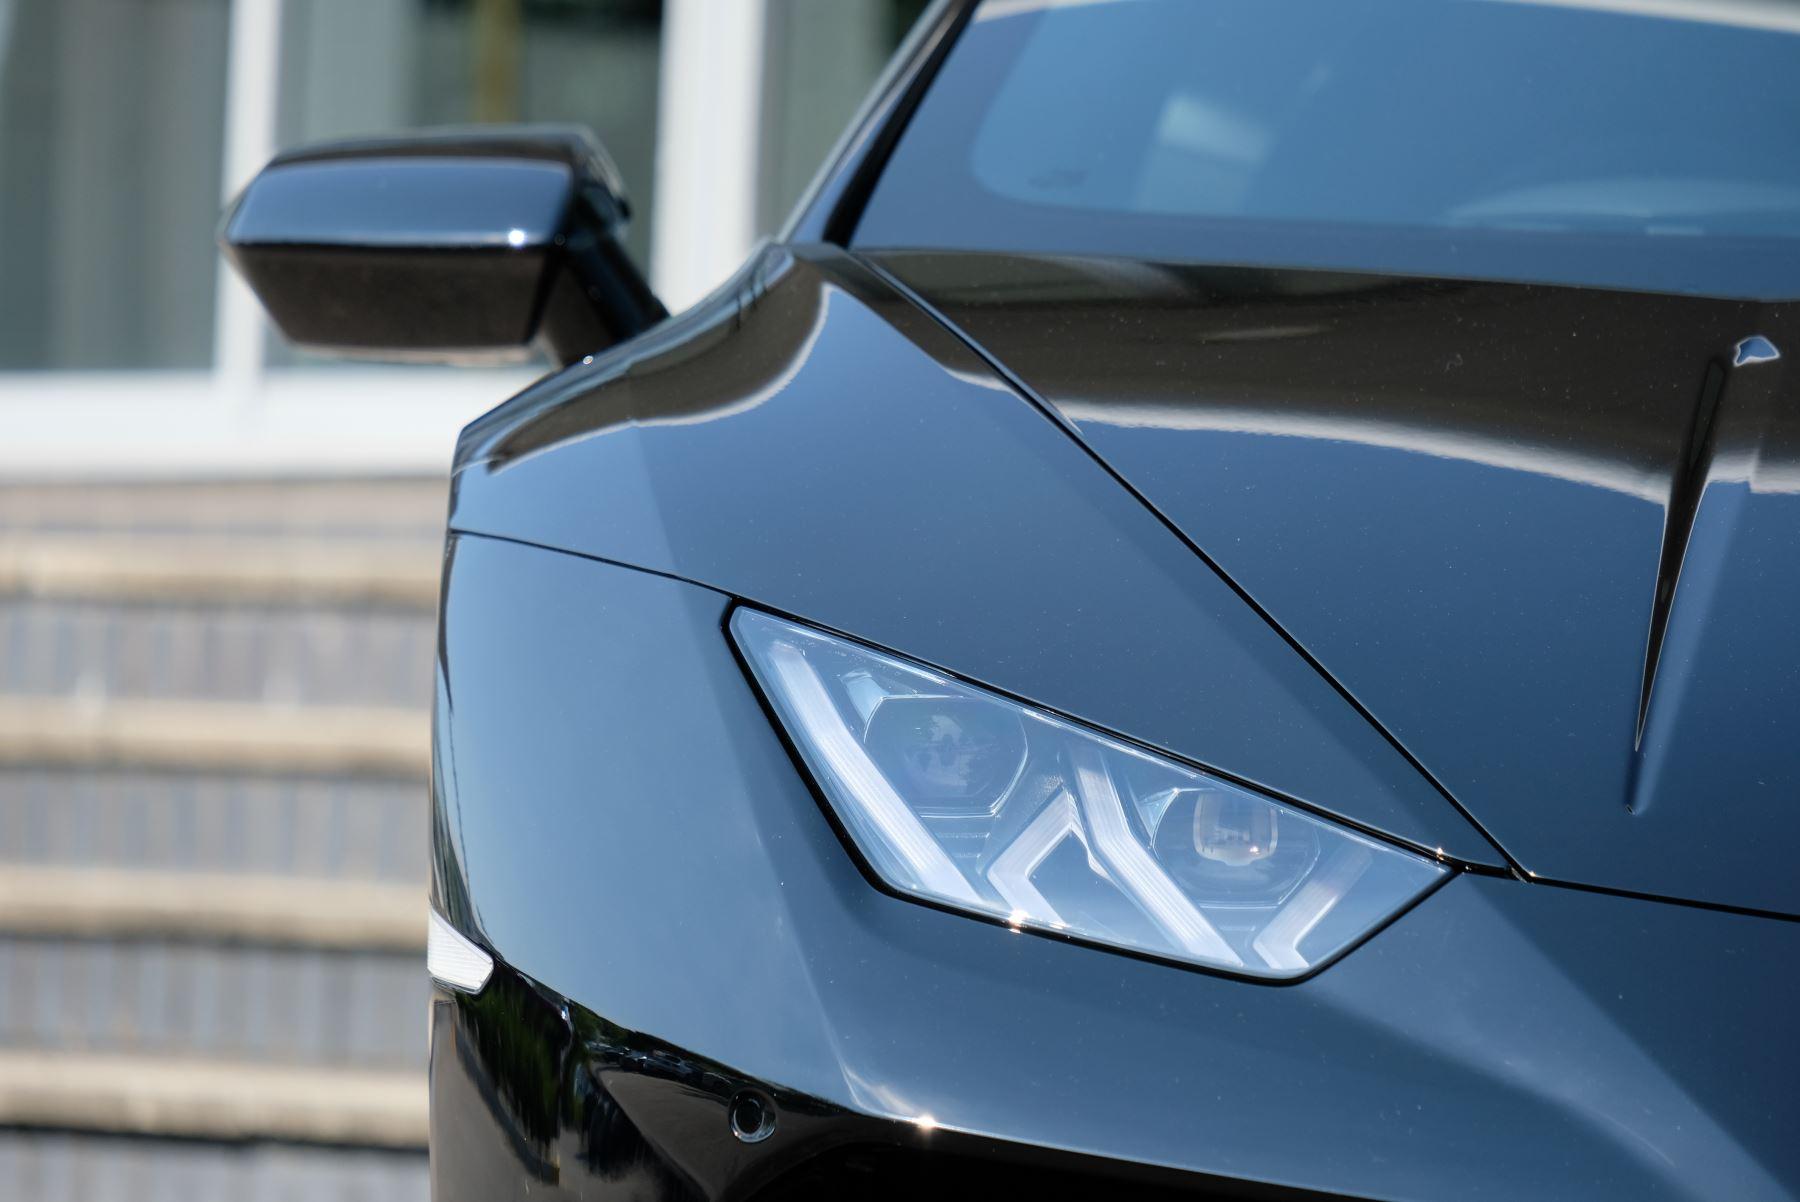 Lamborghini Huracan EVO LP 640-4 5.2 AWD image 10